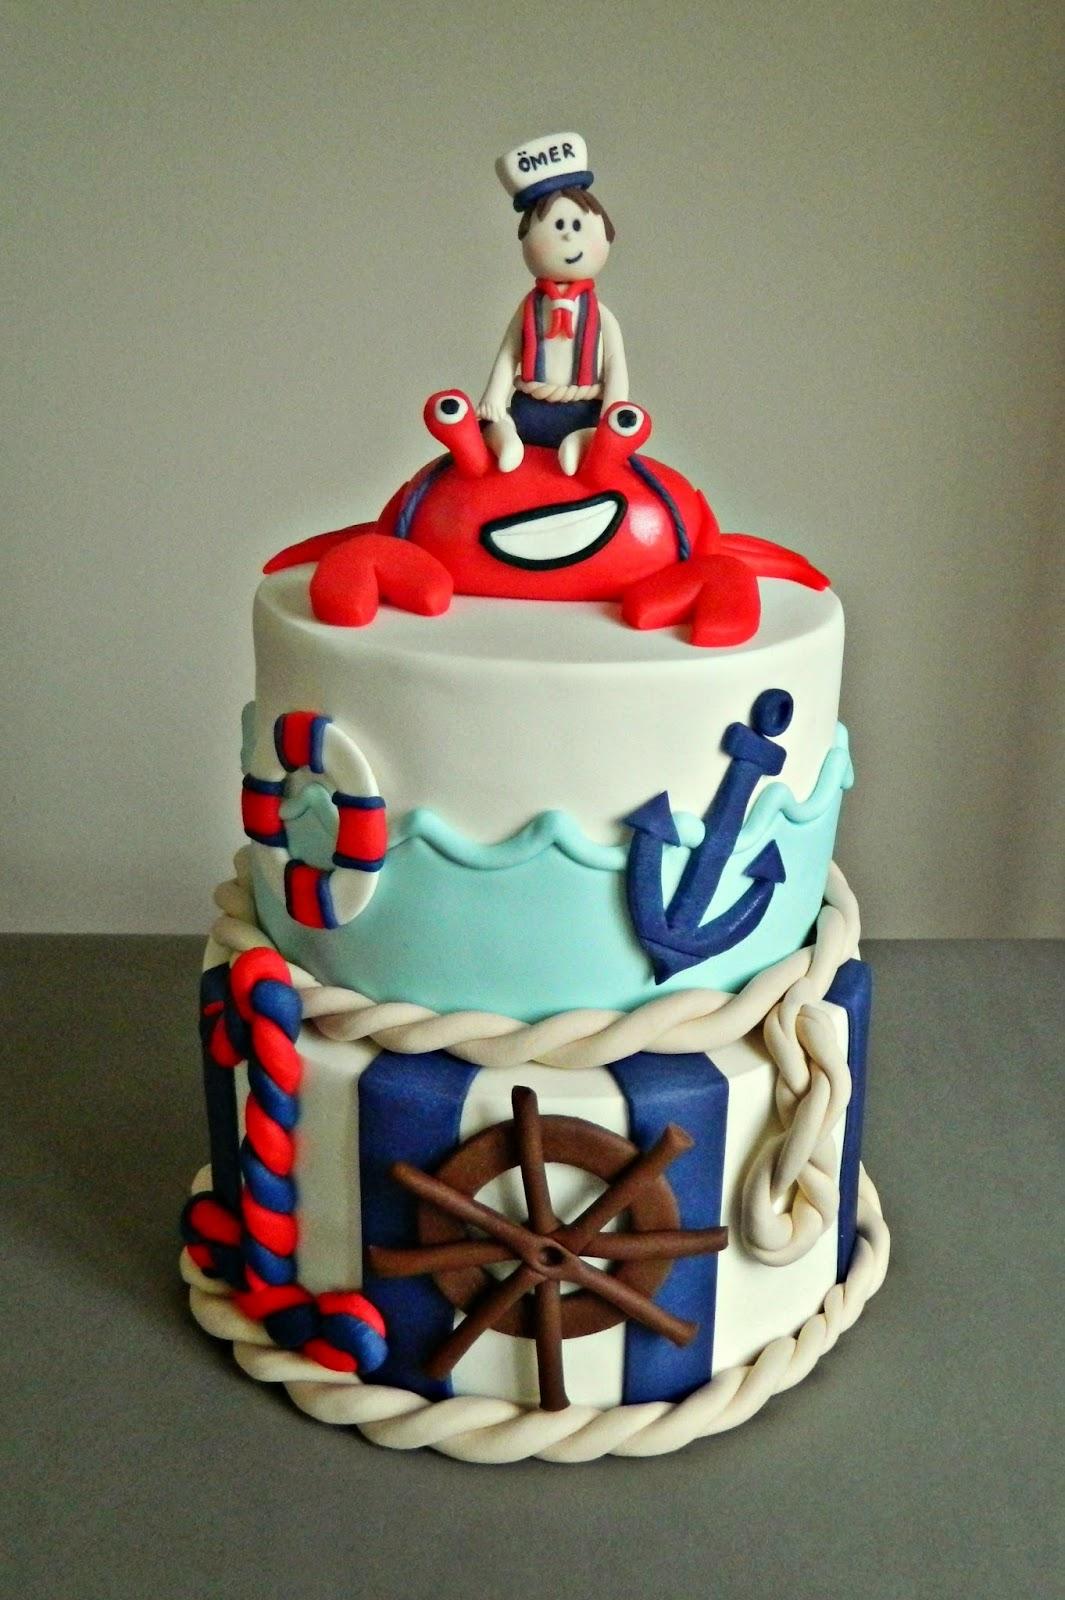 edirne denizci temalı butik pasta